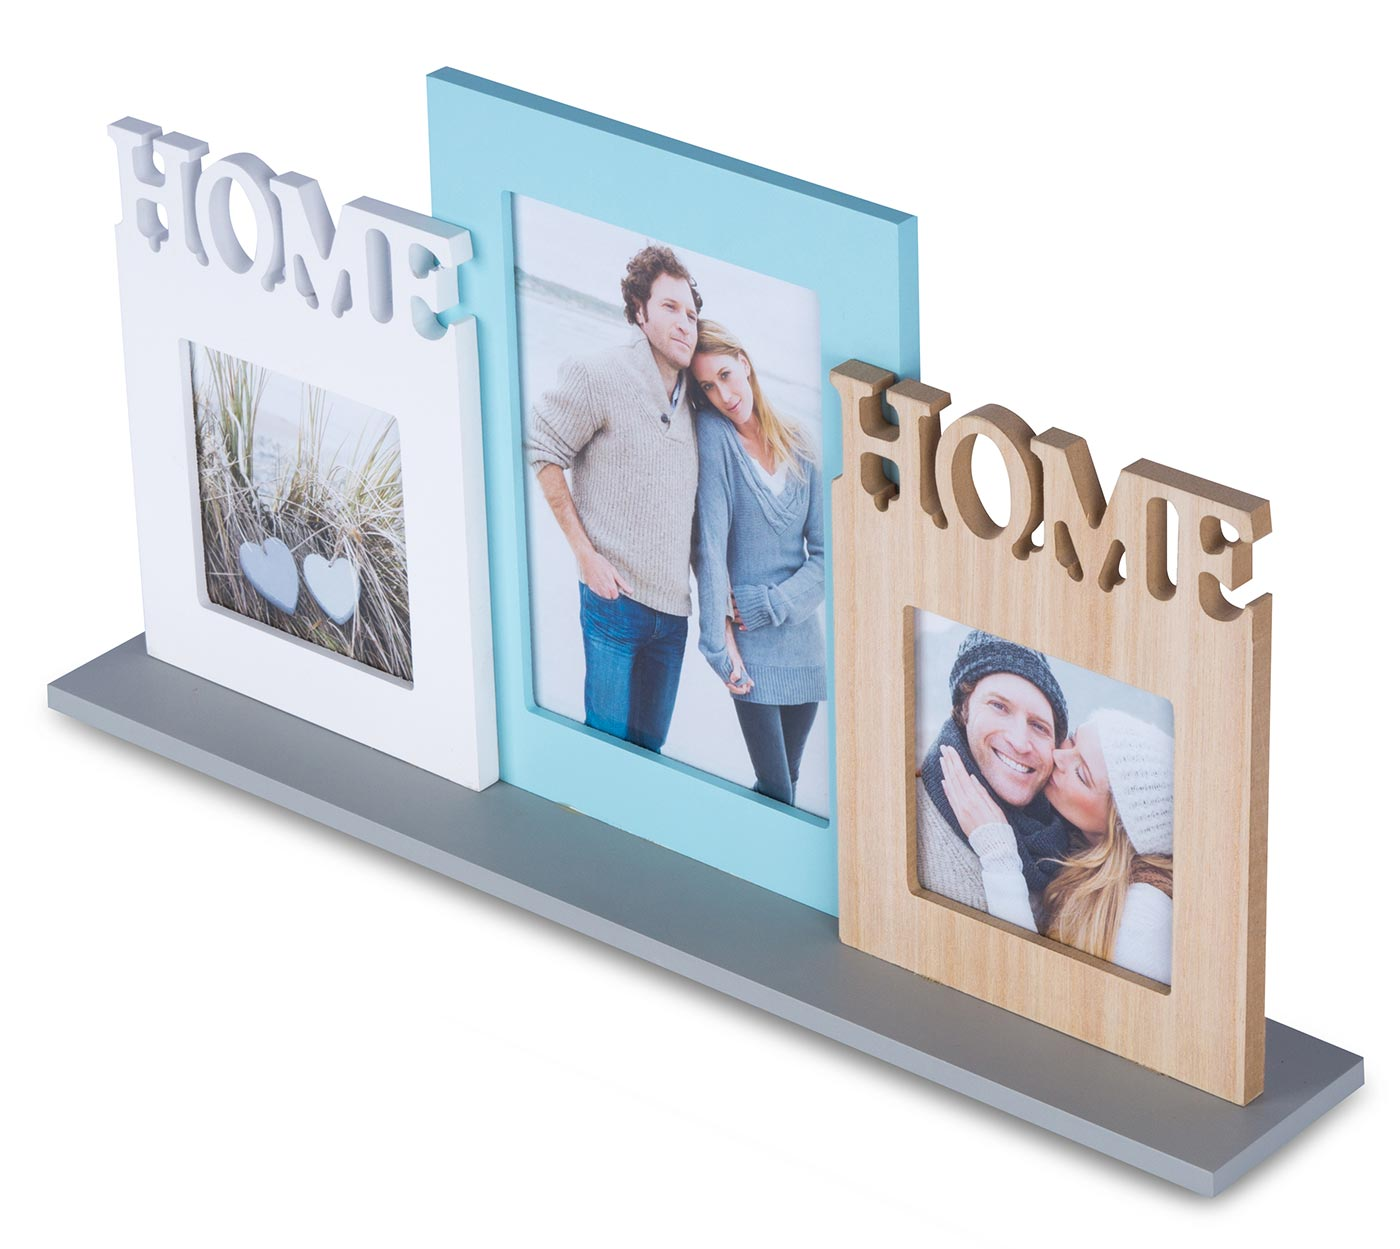 Bilderrahmen Holz 3 Fotos Home 44x23cm Fotorahmen Collage Galerie ...